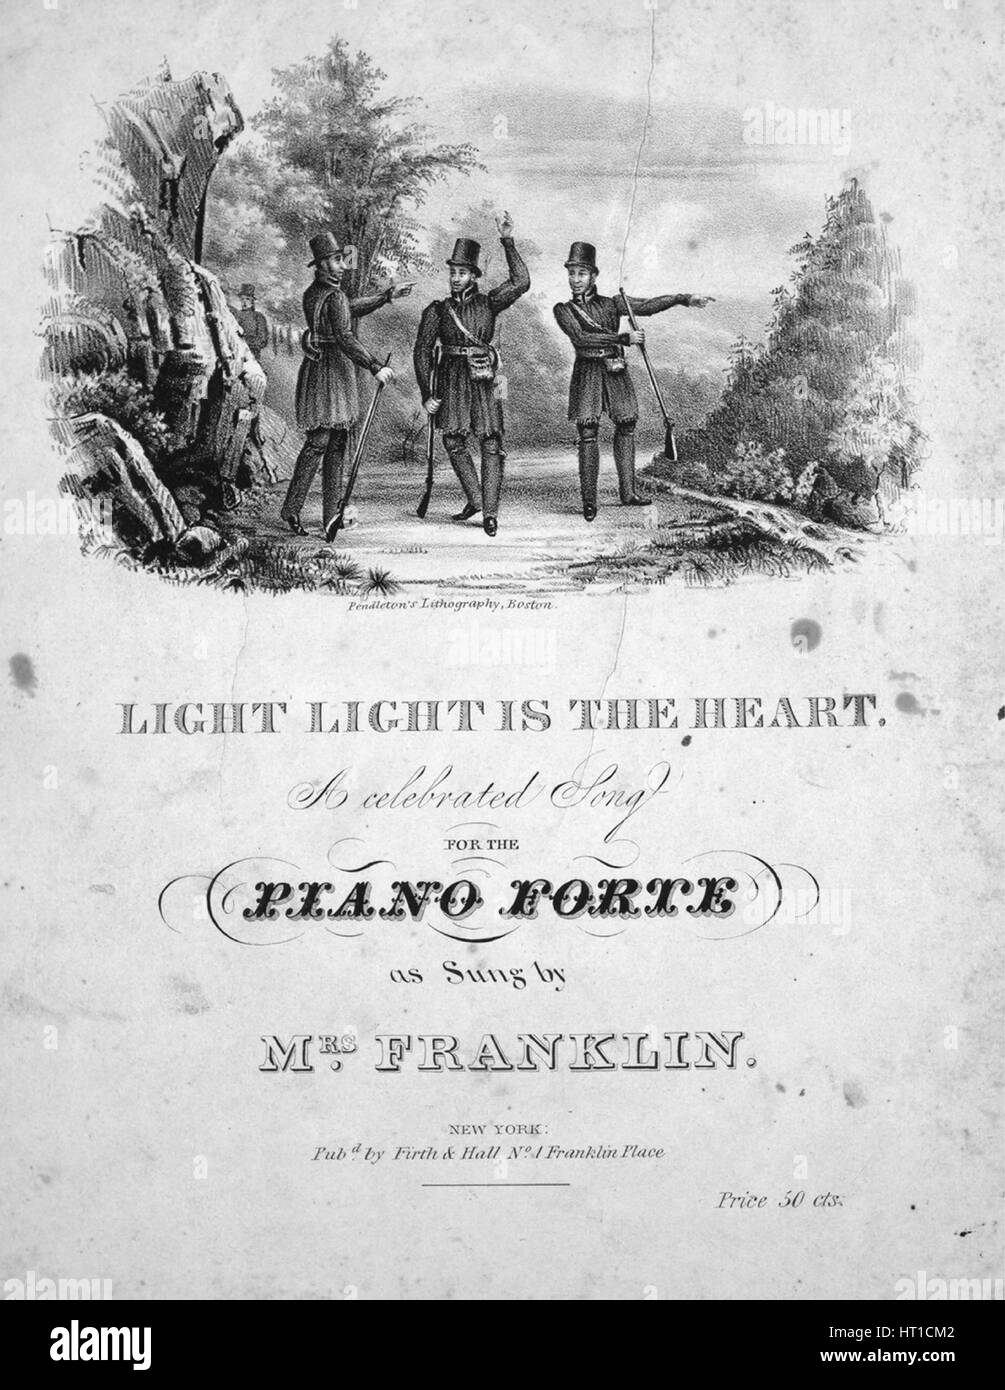 """Sheet Music image de couverture de la chanson 'Light Light est le coeur d'un célèbre morceau pour le Piano Forte"""", avec une œuvre originale lecture notes 'na', United States, 1834. L'éditeur est répertorié comme 'Firth et Hall, NO1-Franklin', la forme de composition est 'strophique (musique varie légèrement à chaque verset)', l'instrumentation est 'piano et voix"""", la première ligne se lit """"Light light est le coeur qu'avec la liberté, peuvent aller o'er la montagne de façon courageuse et libre', et l'illustration artiste est répertorié comme """"Pendleton, lithographie de Boston'. Banque D'Images"""